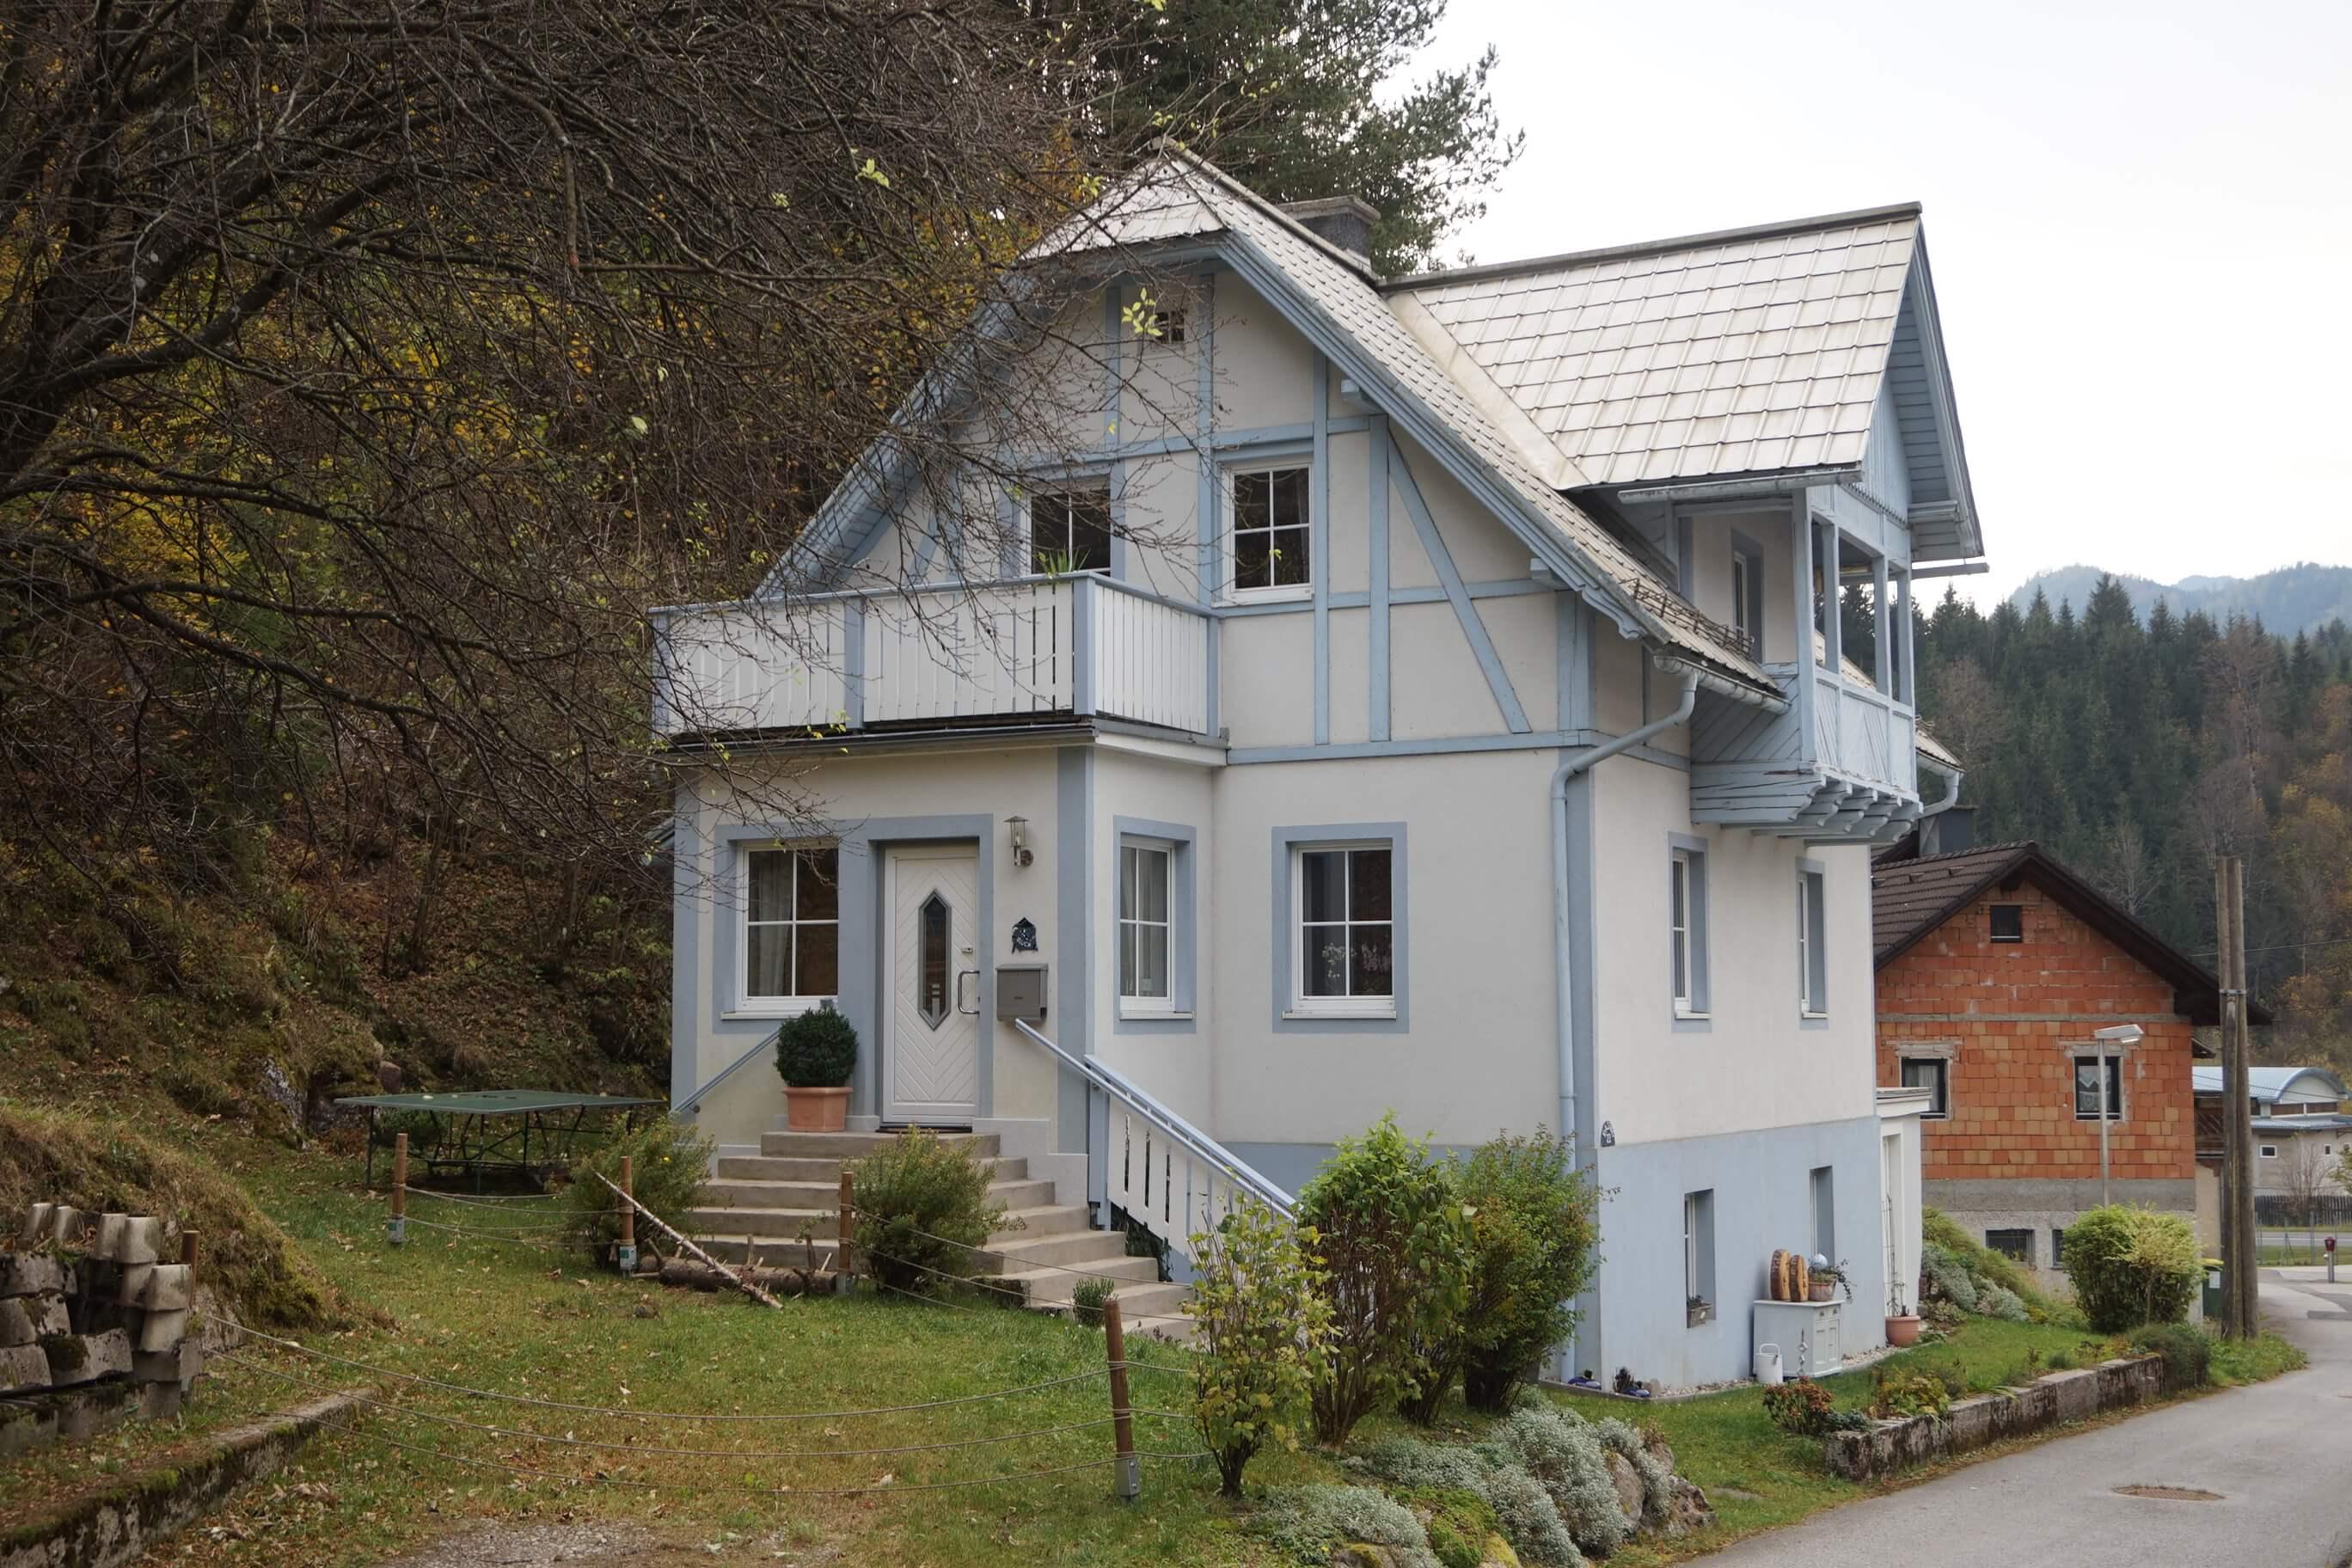 Mariazell/Rasing: Wohnhaus in einer Seitengasse gelegen